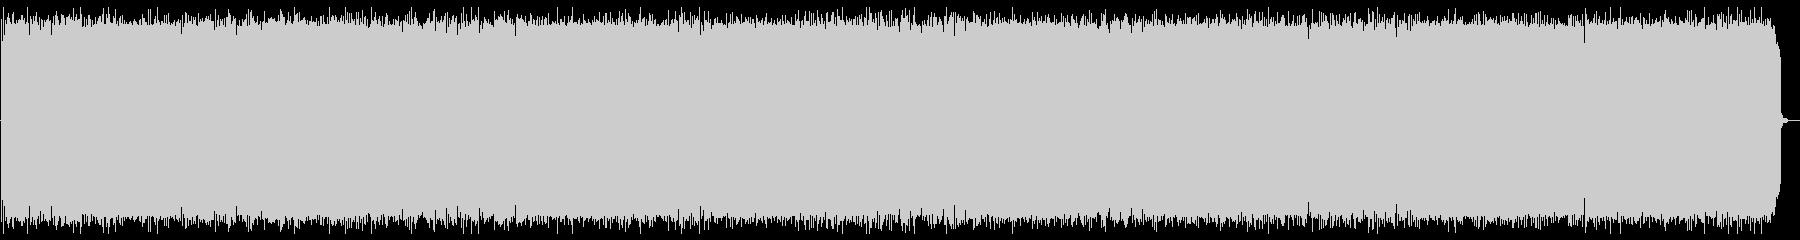 切ない旋律のテクノポップの未再生の波形